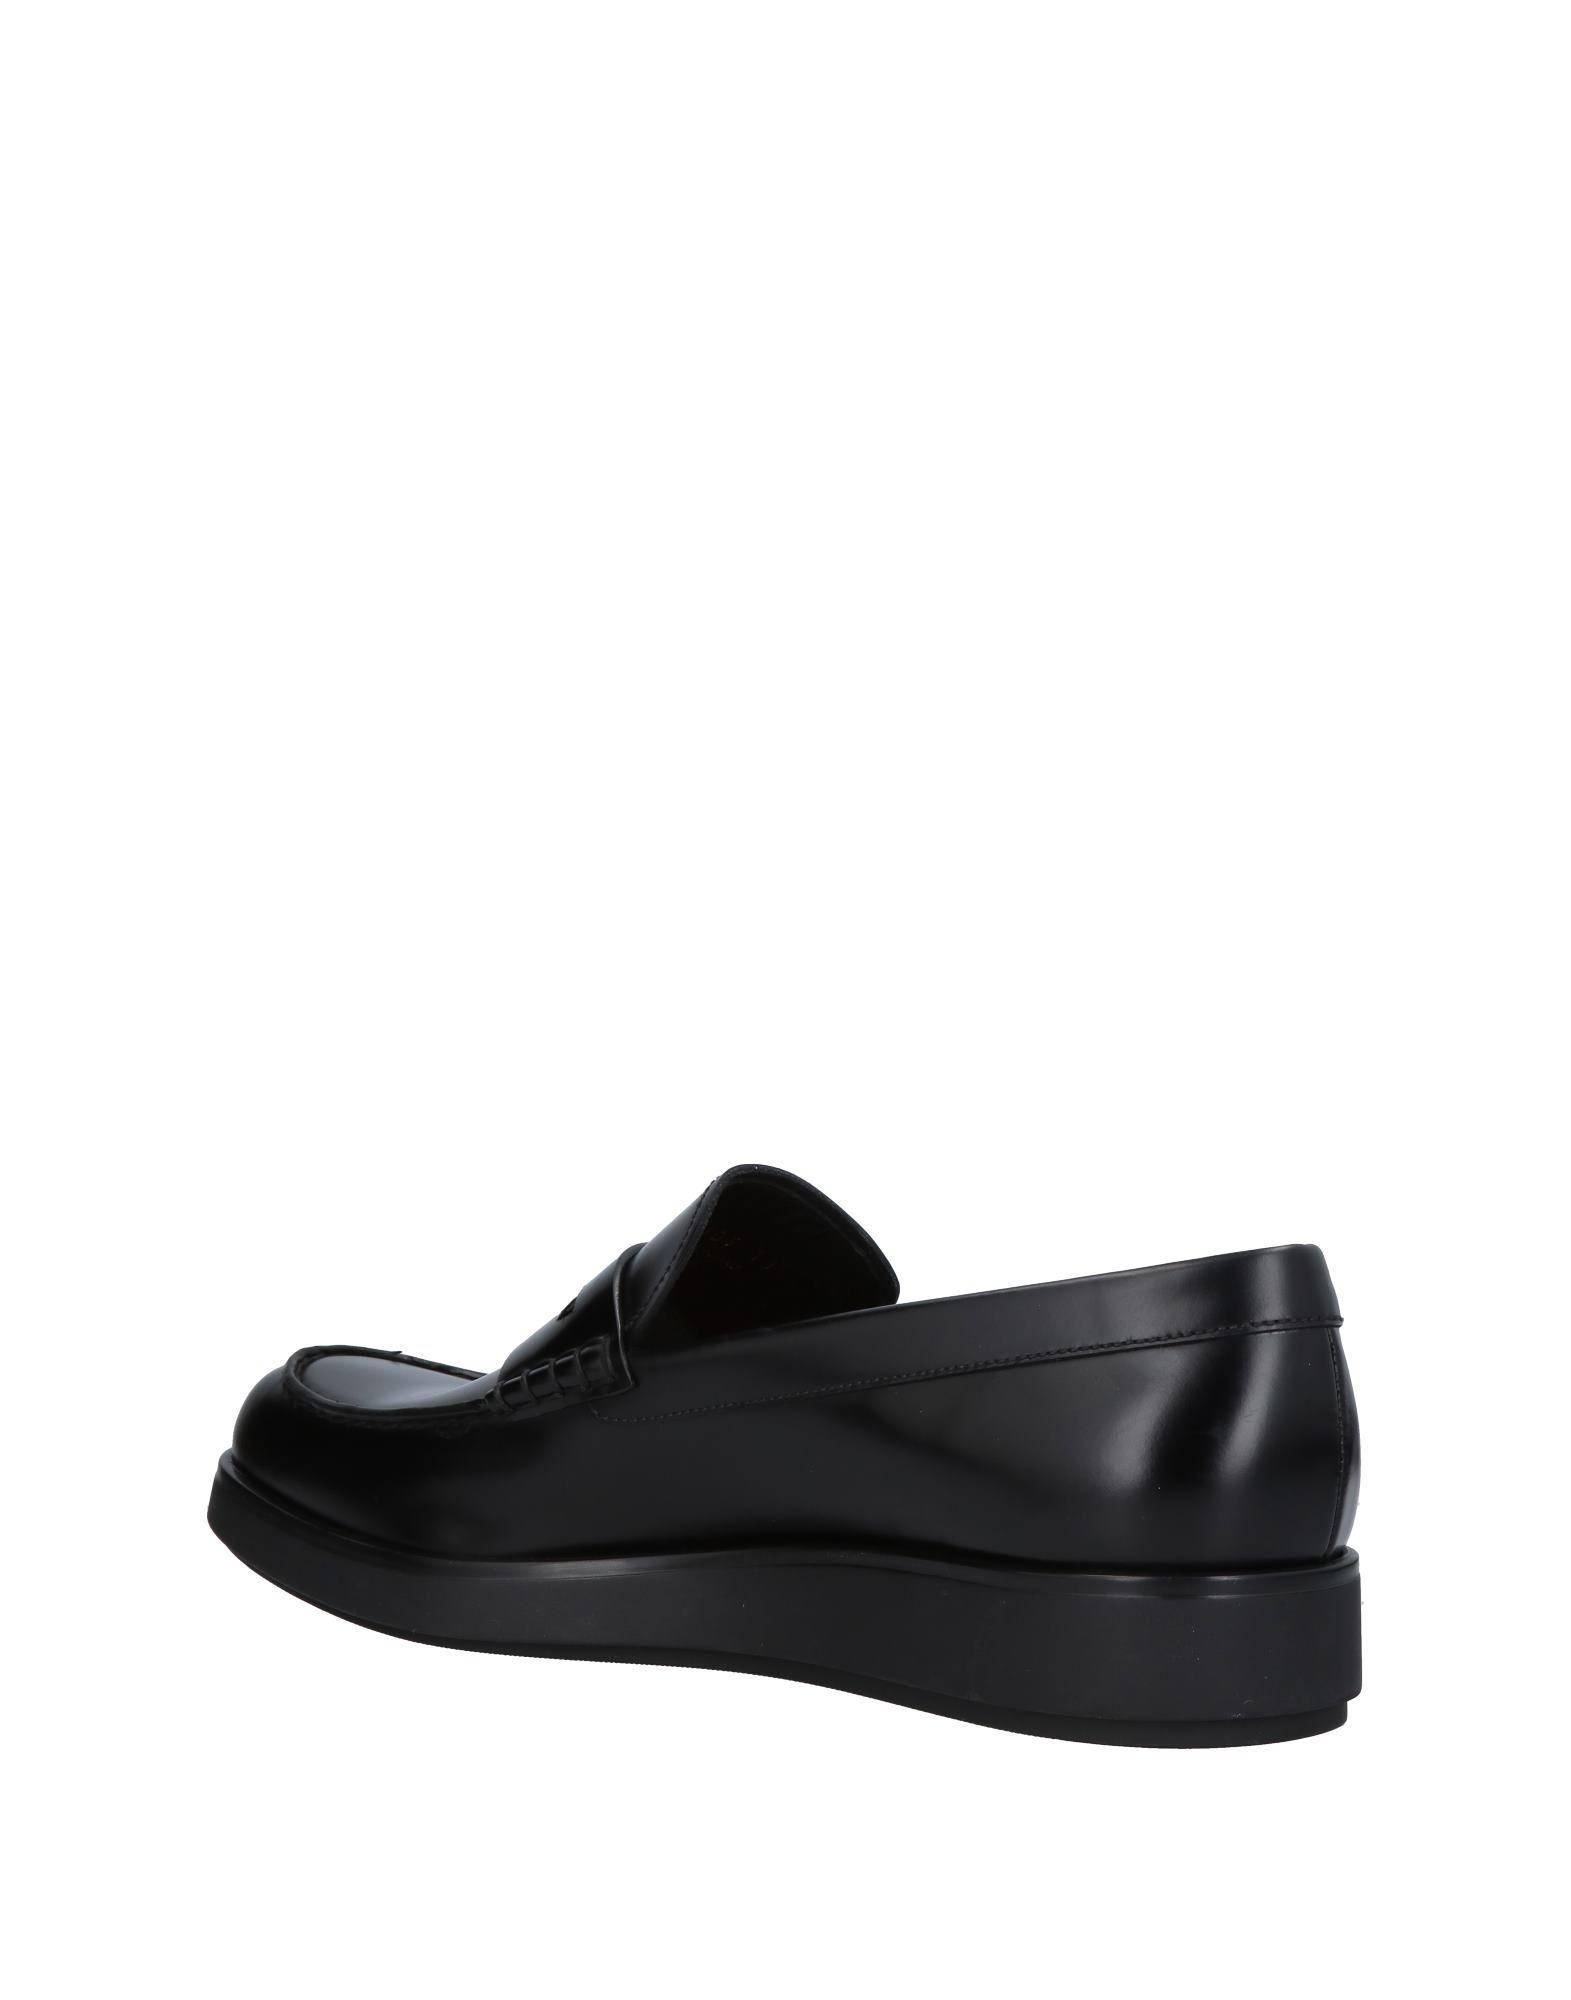 Prada Mokassins Herren  11382531WF Schuhe Gute Qualität beliebte Schuhe 11382531WF 914103